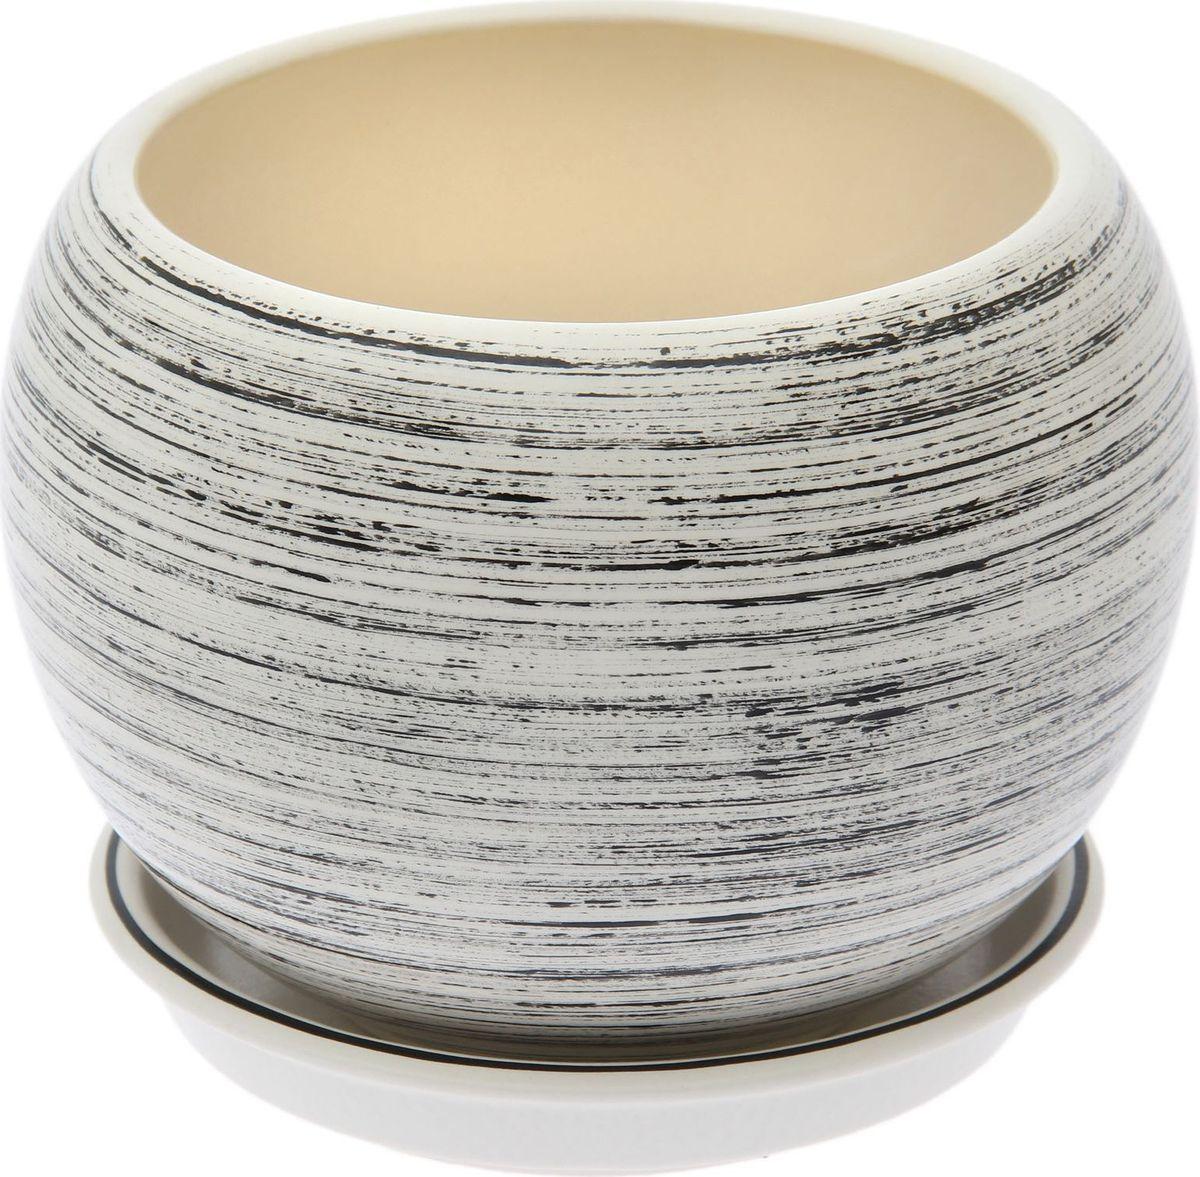 Кашпо Керамика ручной работы Шар, цвет: черный, белый, 4,1 л1489746Комнатные растения — всеобщие любимцы. Они радуют глаз, насыщают помещение кислородом и украшают пространство. Каждому из них необходим свой удобный и красивый дом. Кашпо из керамики прекрасно подходят для высадки растений: за счёт пластичности глины и разных способов обработки существует великое множество форм и дизайновпористый материал позволяет испаряться лишней влагевоздух, необходимый для дыхания корней, проникает сквозь керамические стенки! #name# позаботится о зелёном питомце, освежит интерьер и подчеркнёт его стиль.